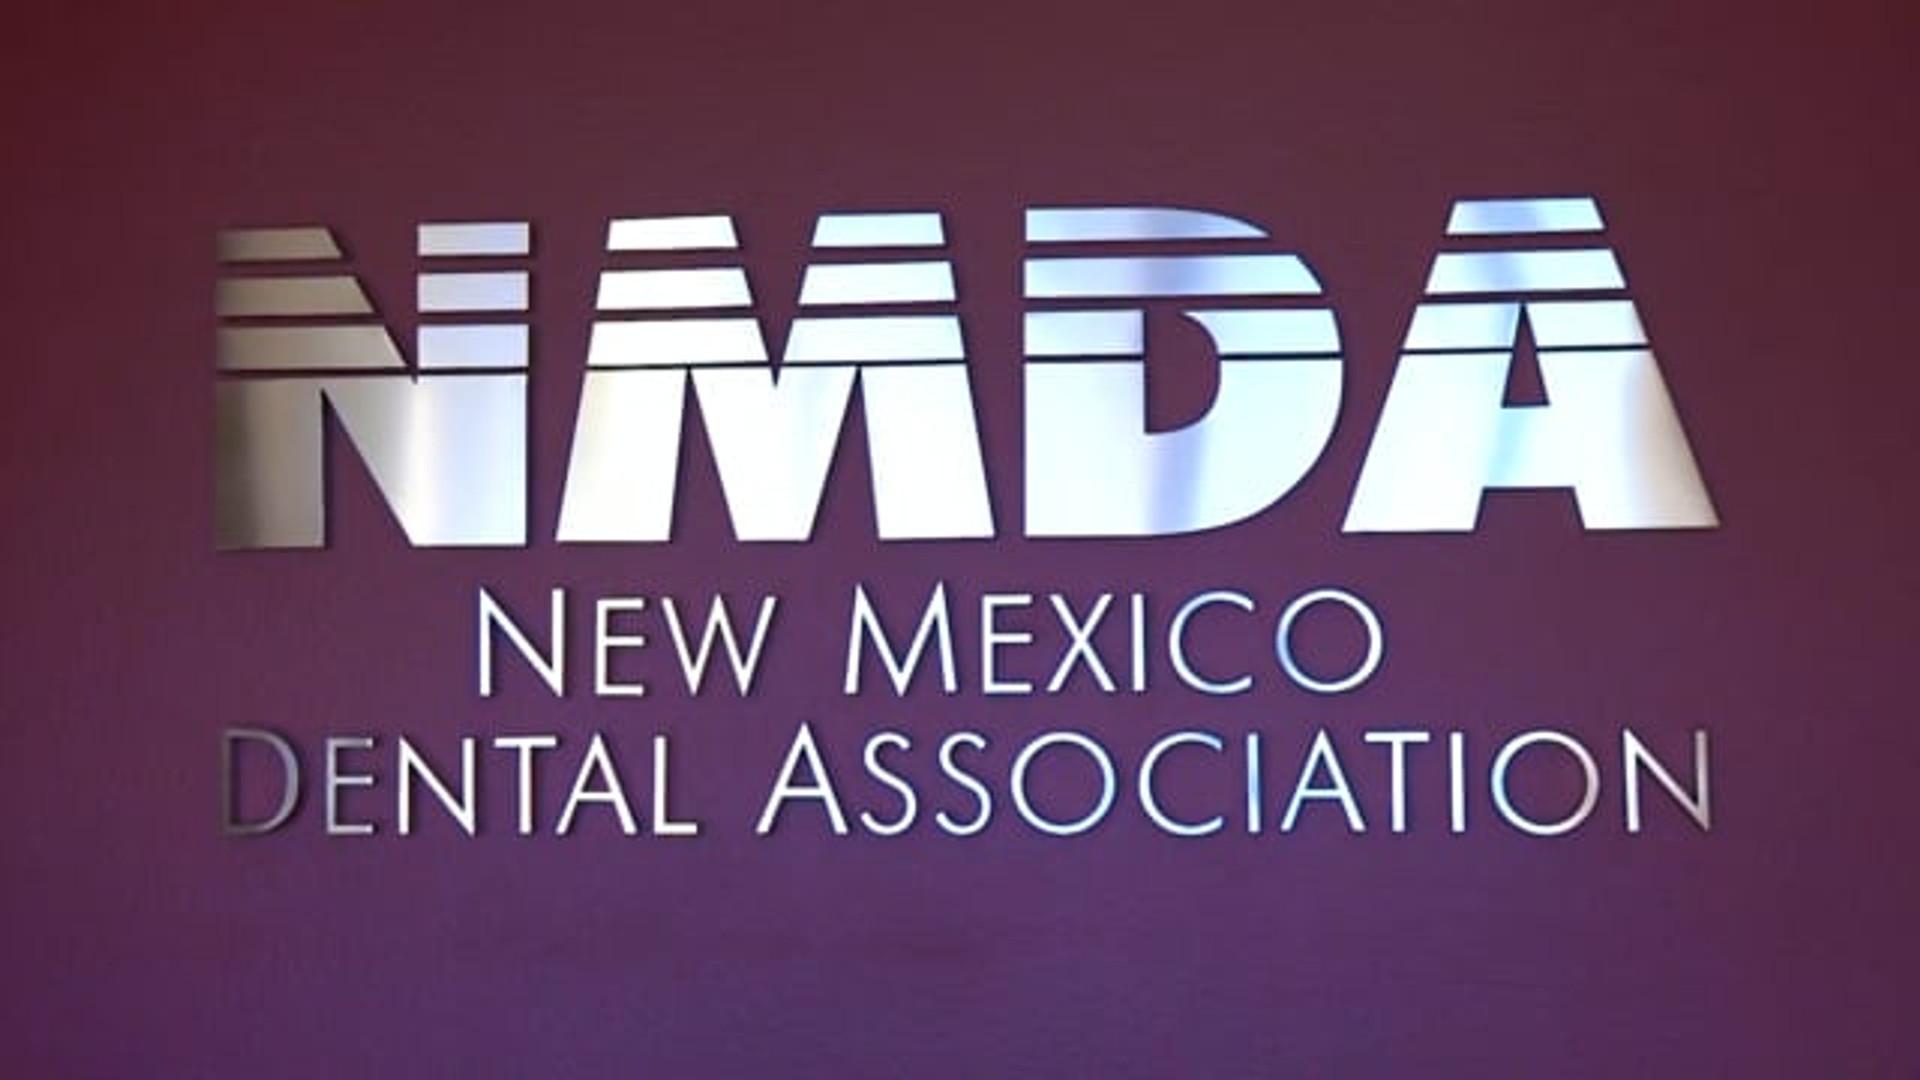 New Mexico Dental Association